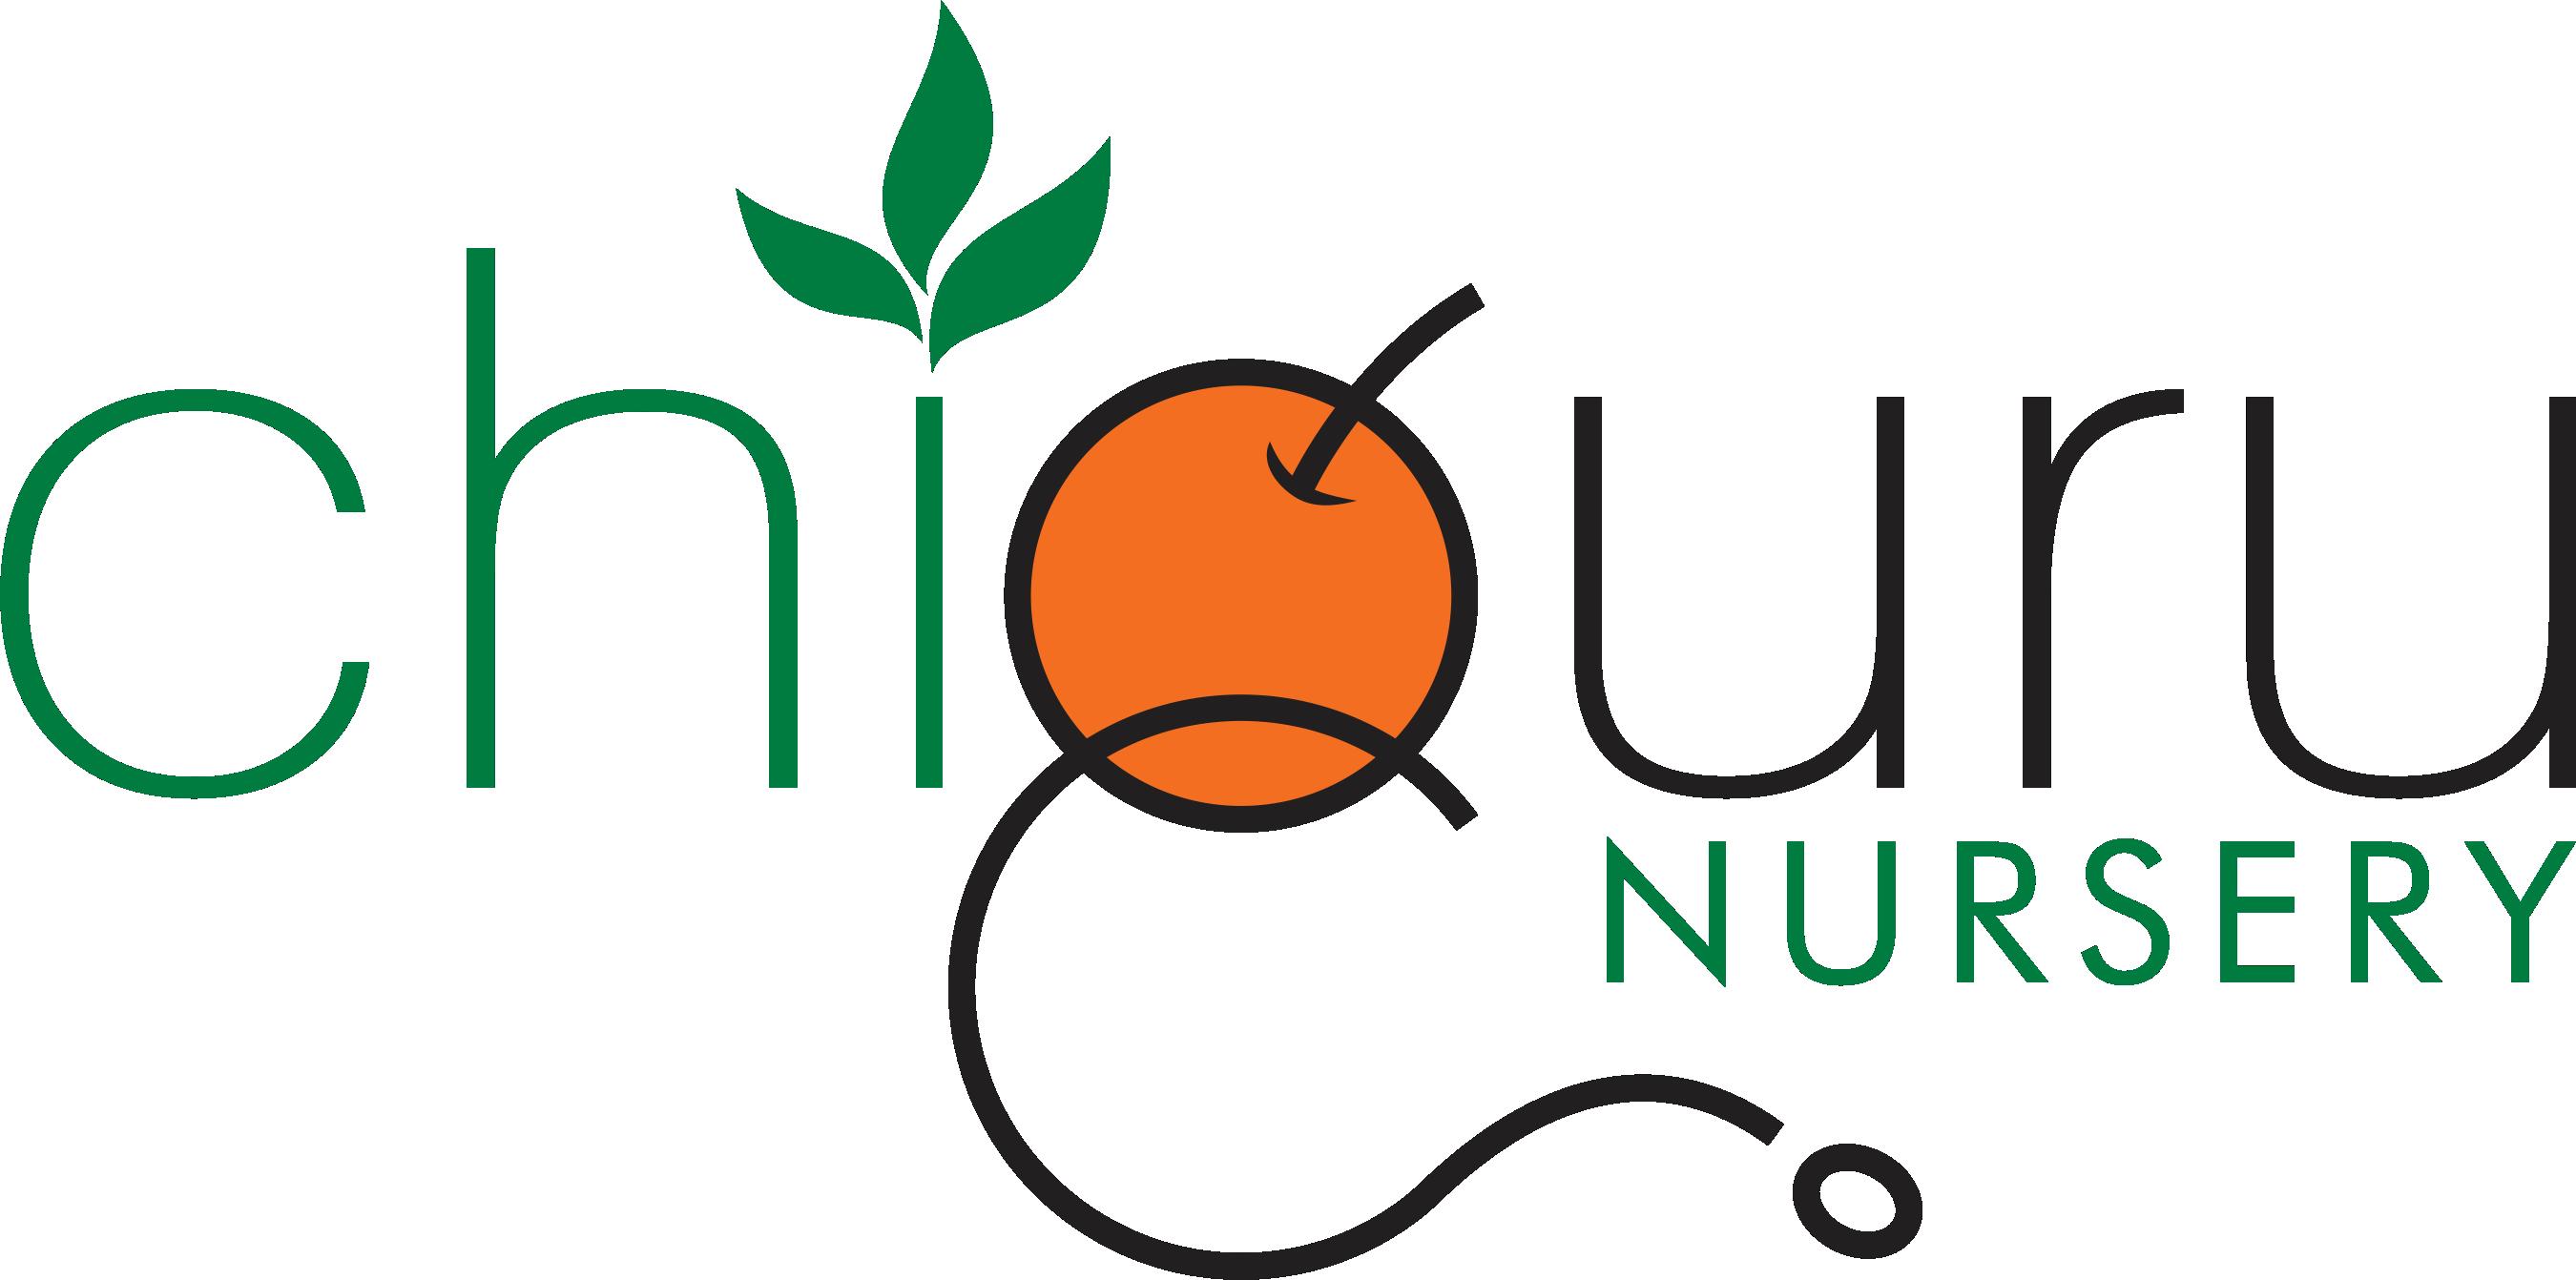 Chiguru Nursery